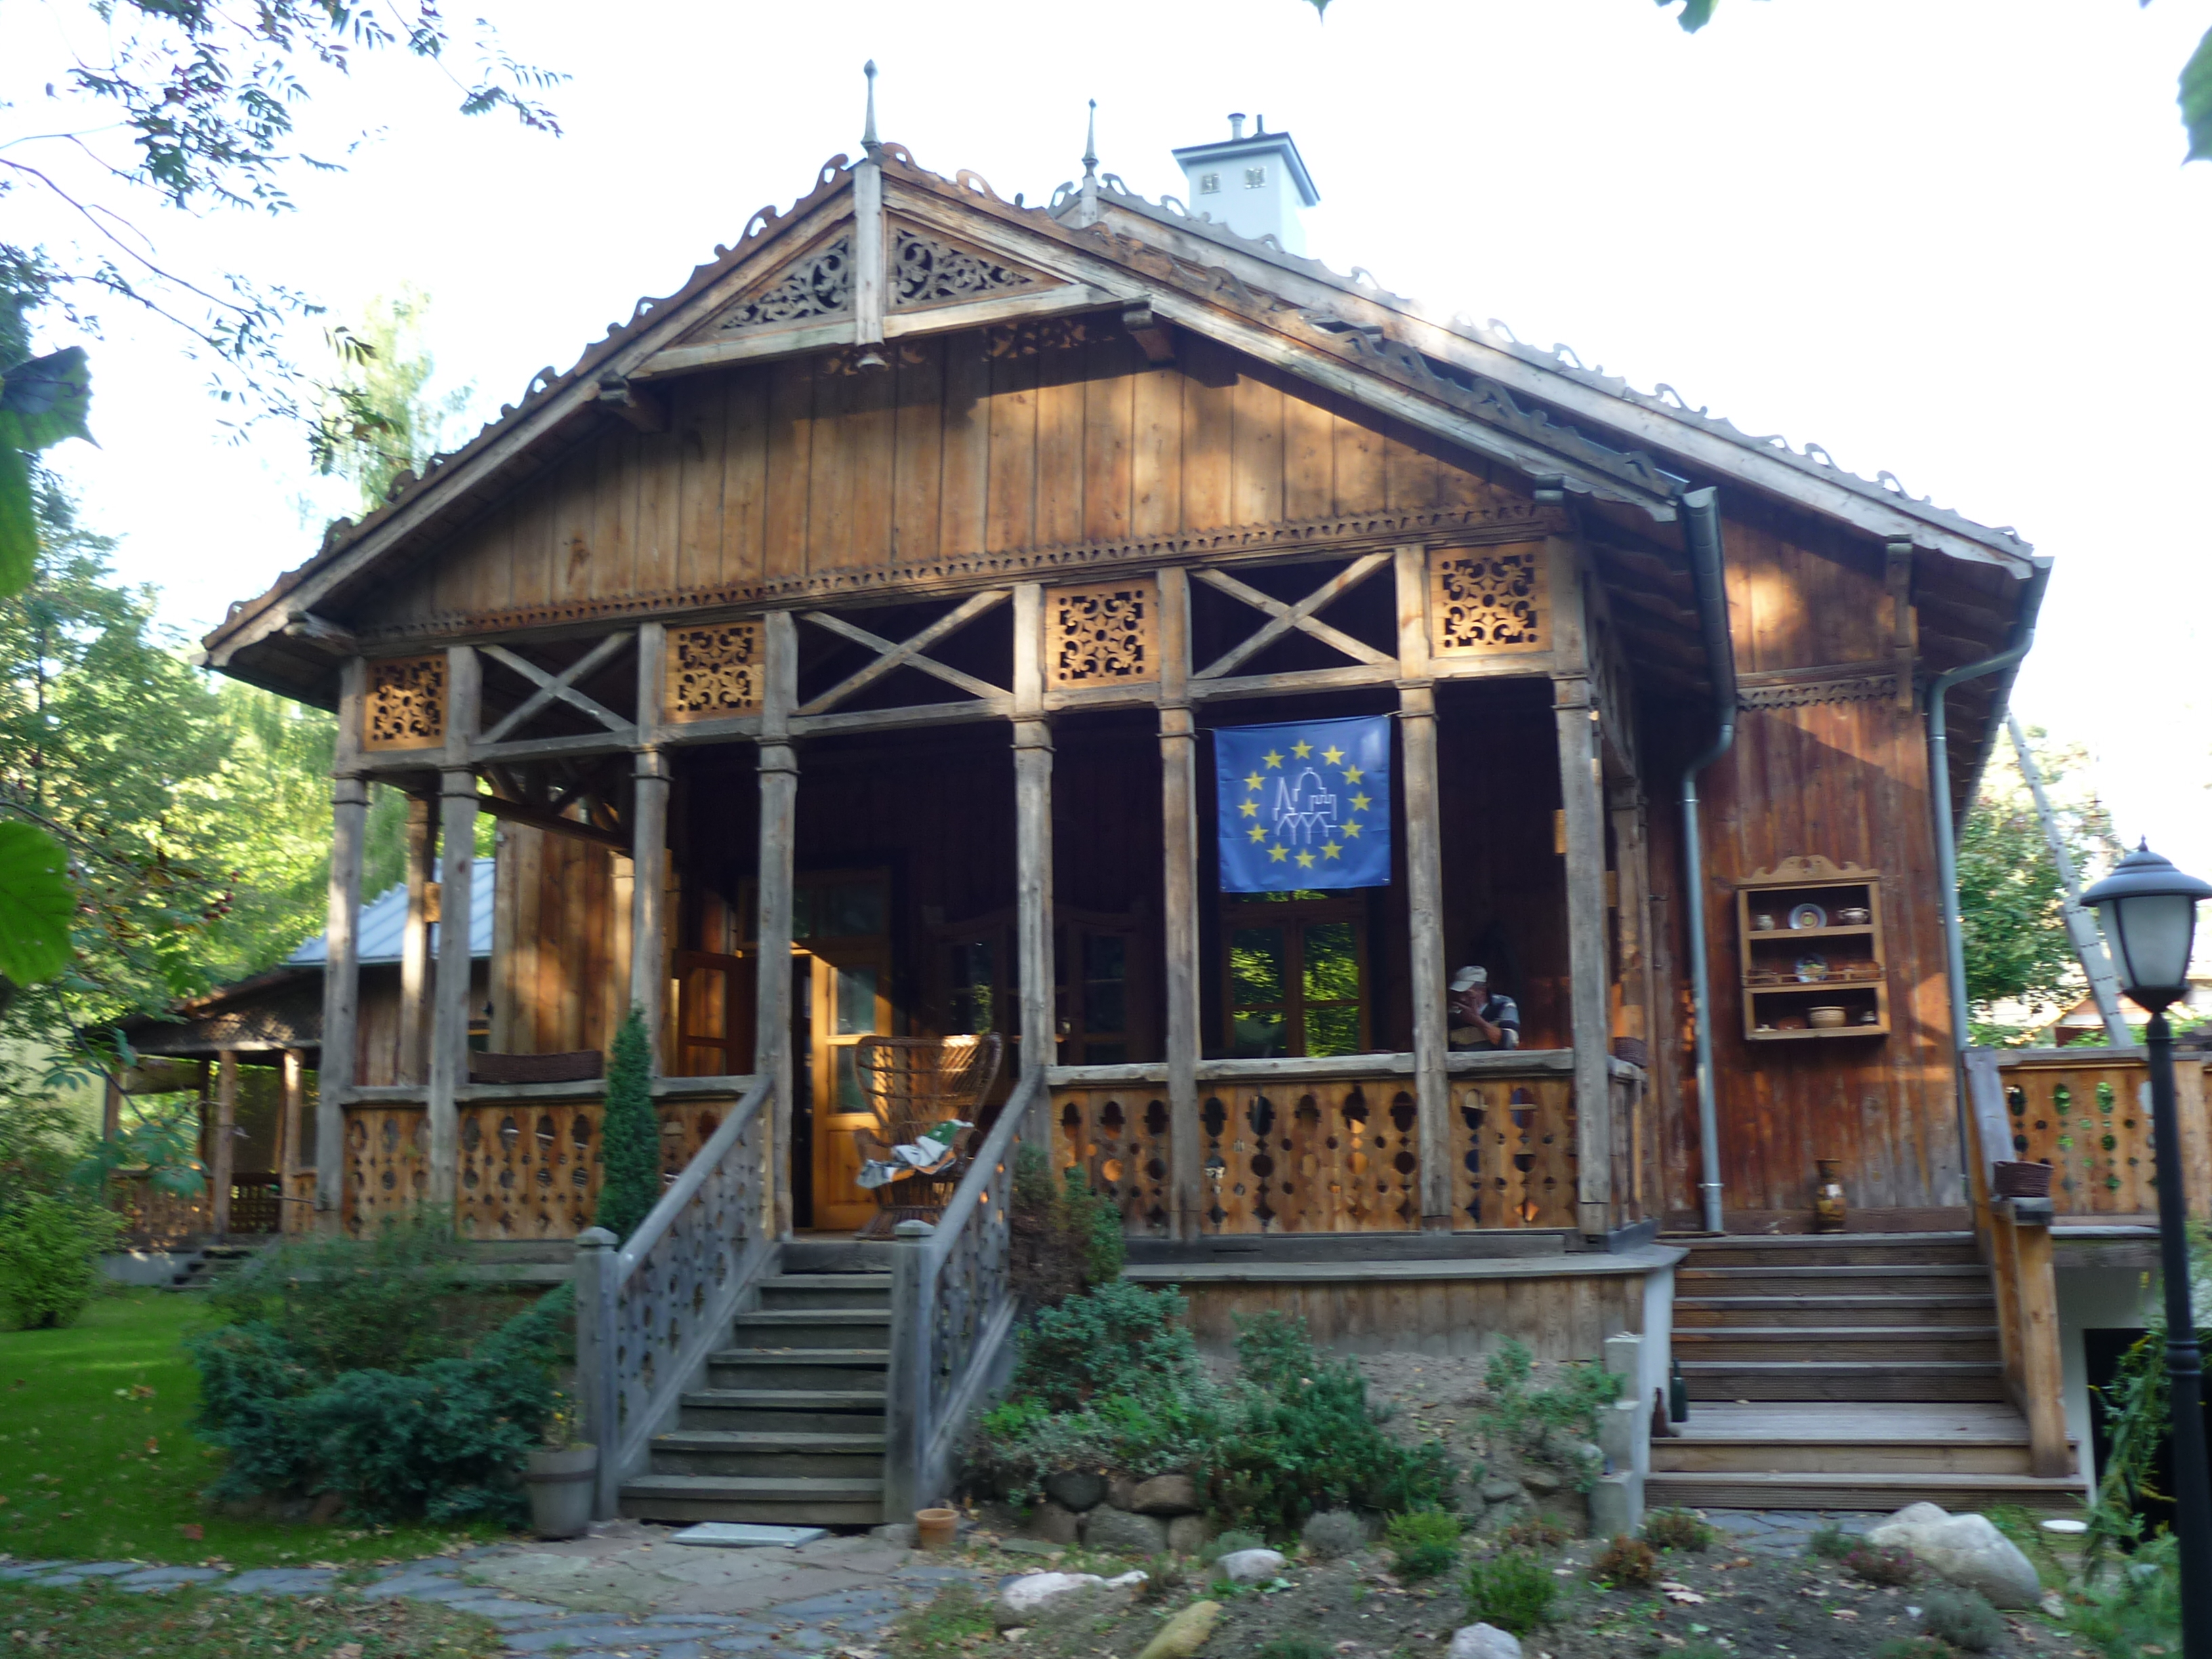 Plik:Willa Aida w Podkowie Leśnej.JPG – Wikipedia, wolna encyklopedia